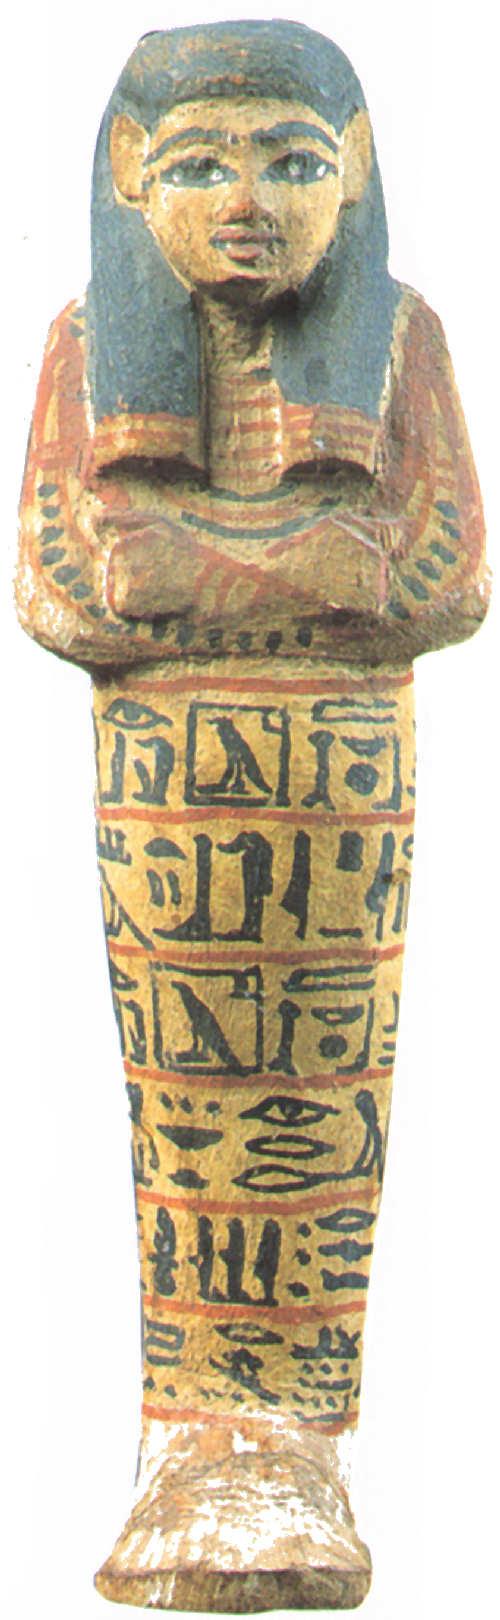 egipto ushebti madera Hathoremheb